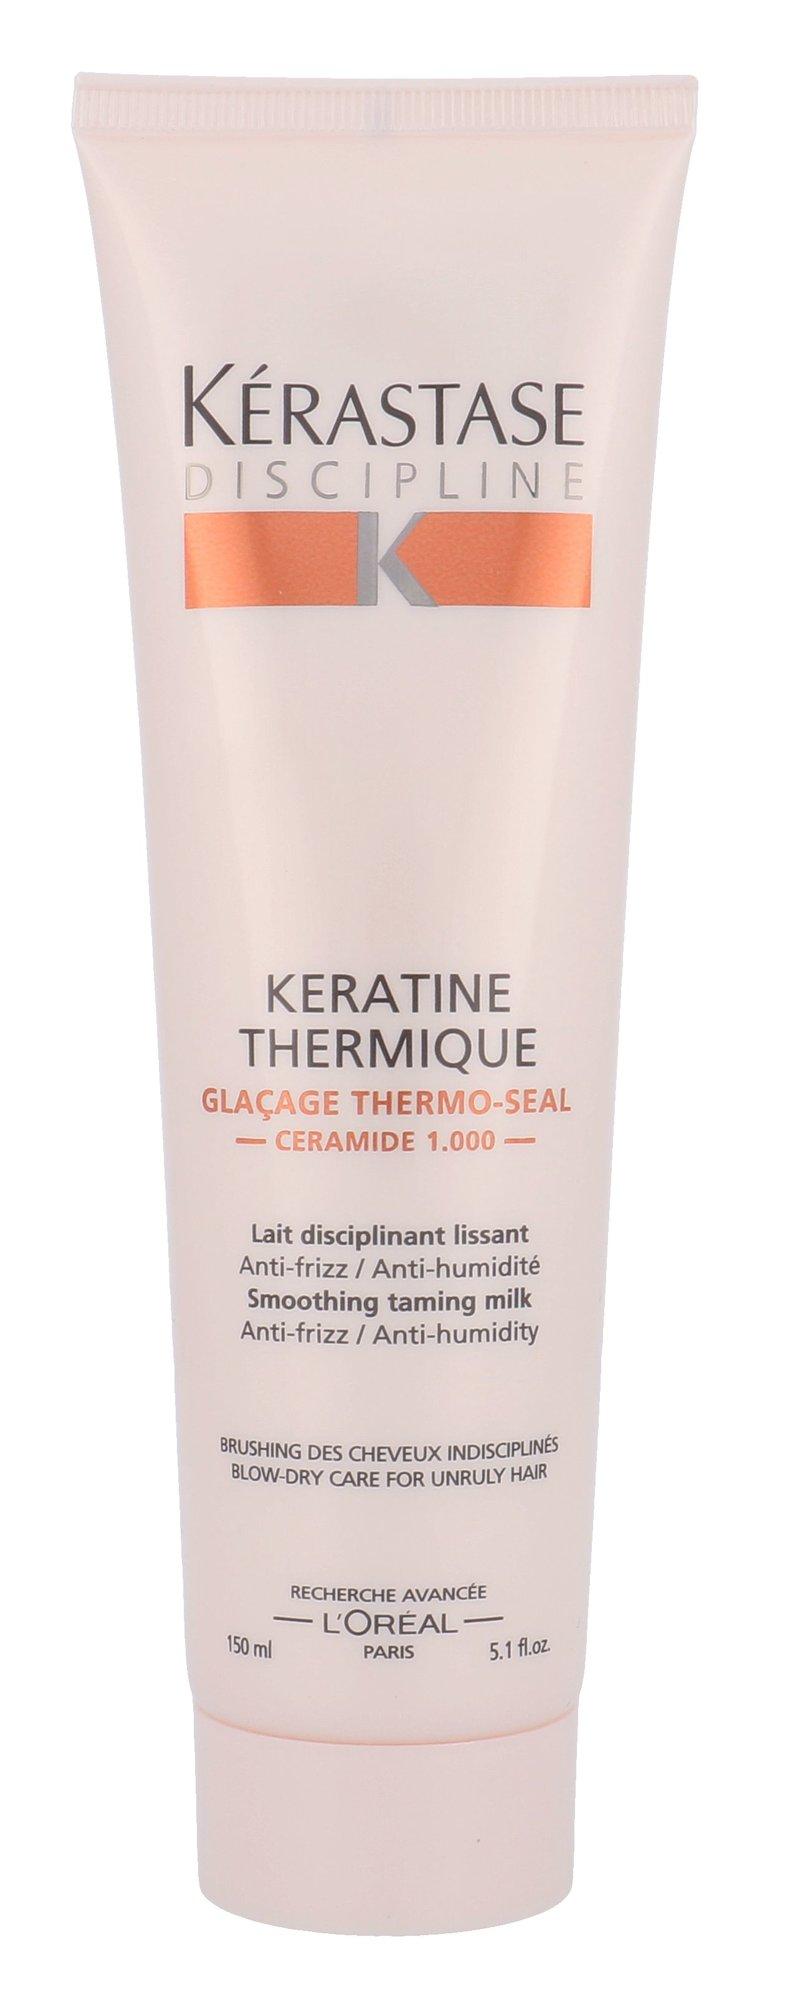 Kérastase Discipline Cosmetic 150ml